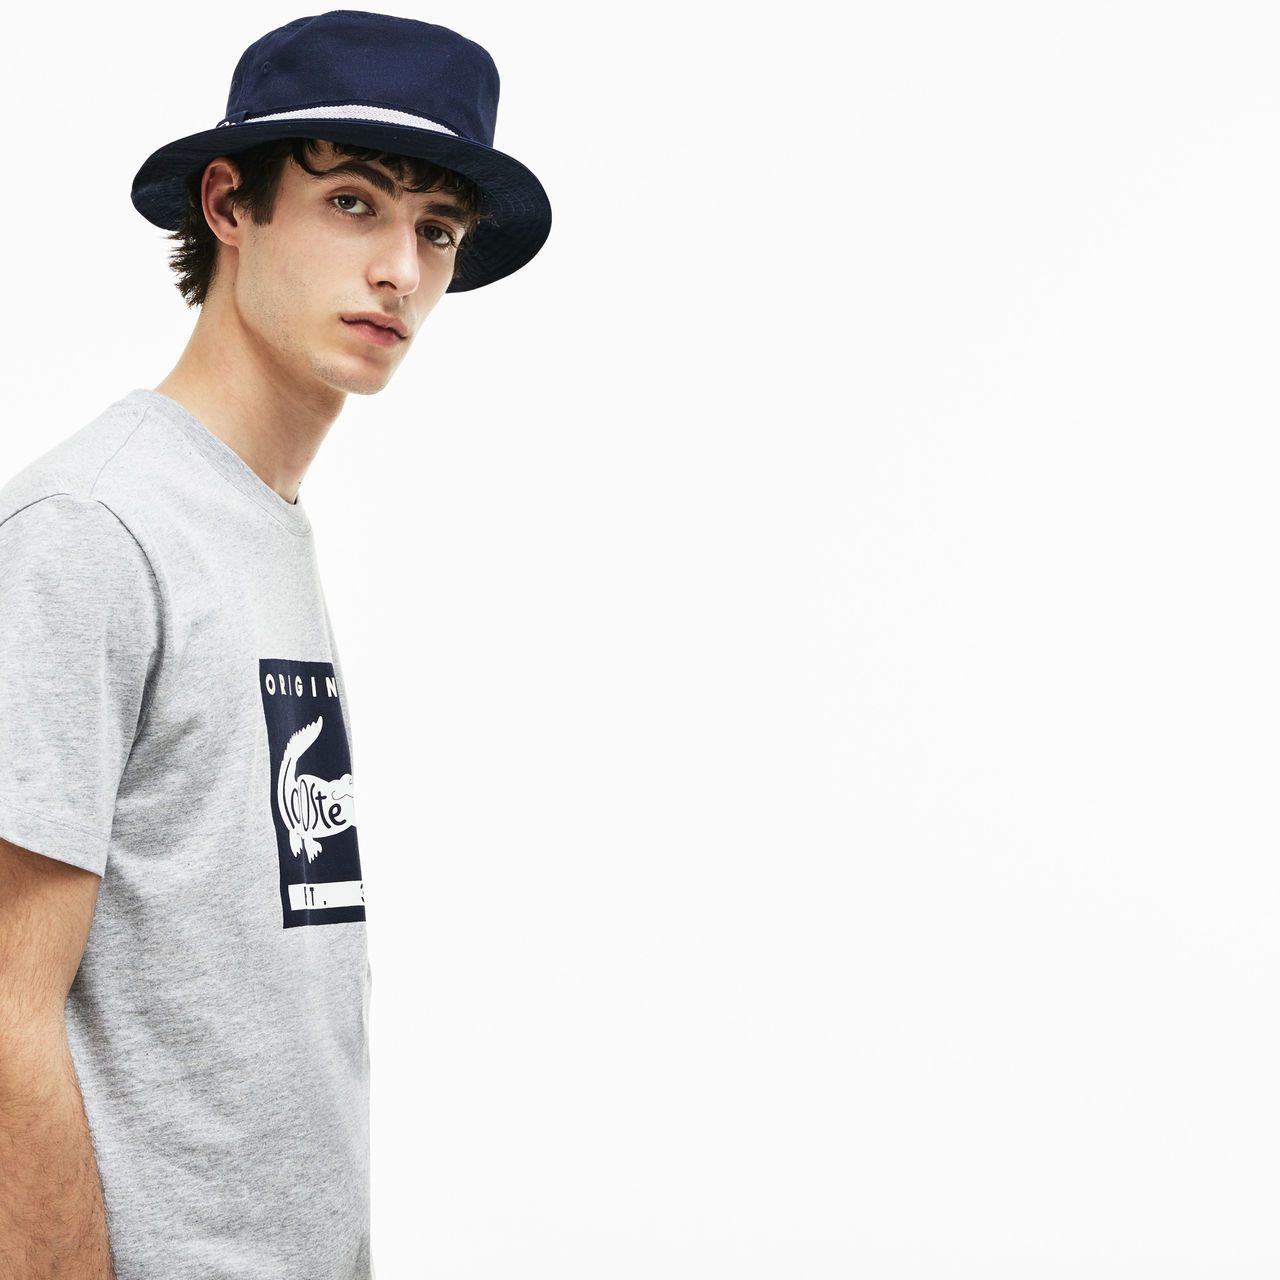 Pour JEUNE Garçon: BOB pour l'été Lacoste, chic et tendance chez les hommes comme chez les jeunes. Pratique, protège du soleil et s'accorde parfaitement avec t-shirts, chemises, bermuda, etc  Prix: 35e (au lieu de 50e) -30%